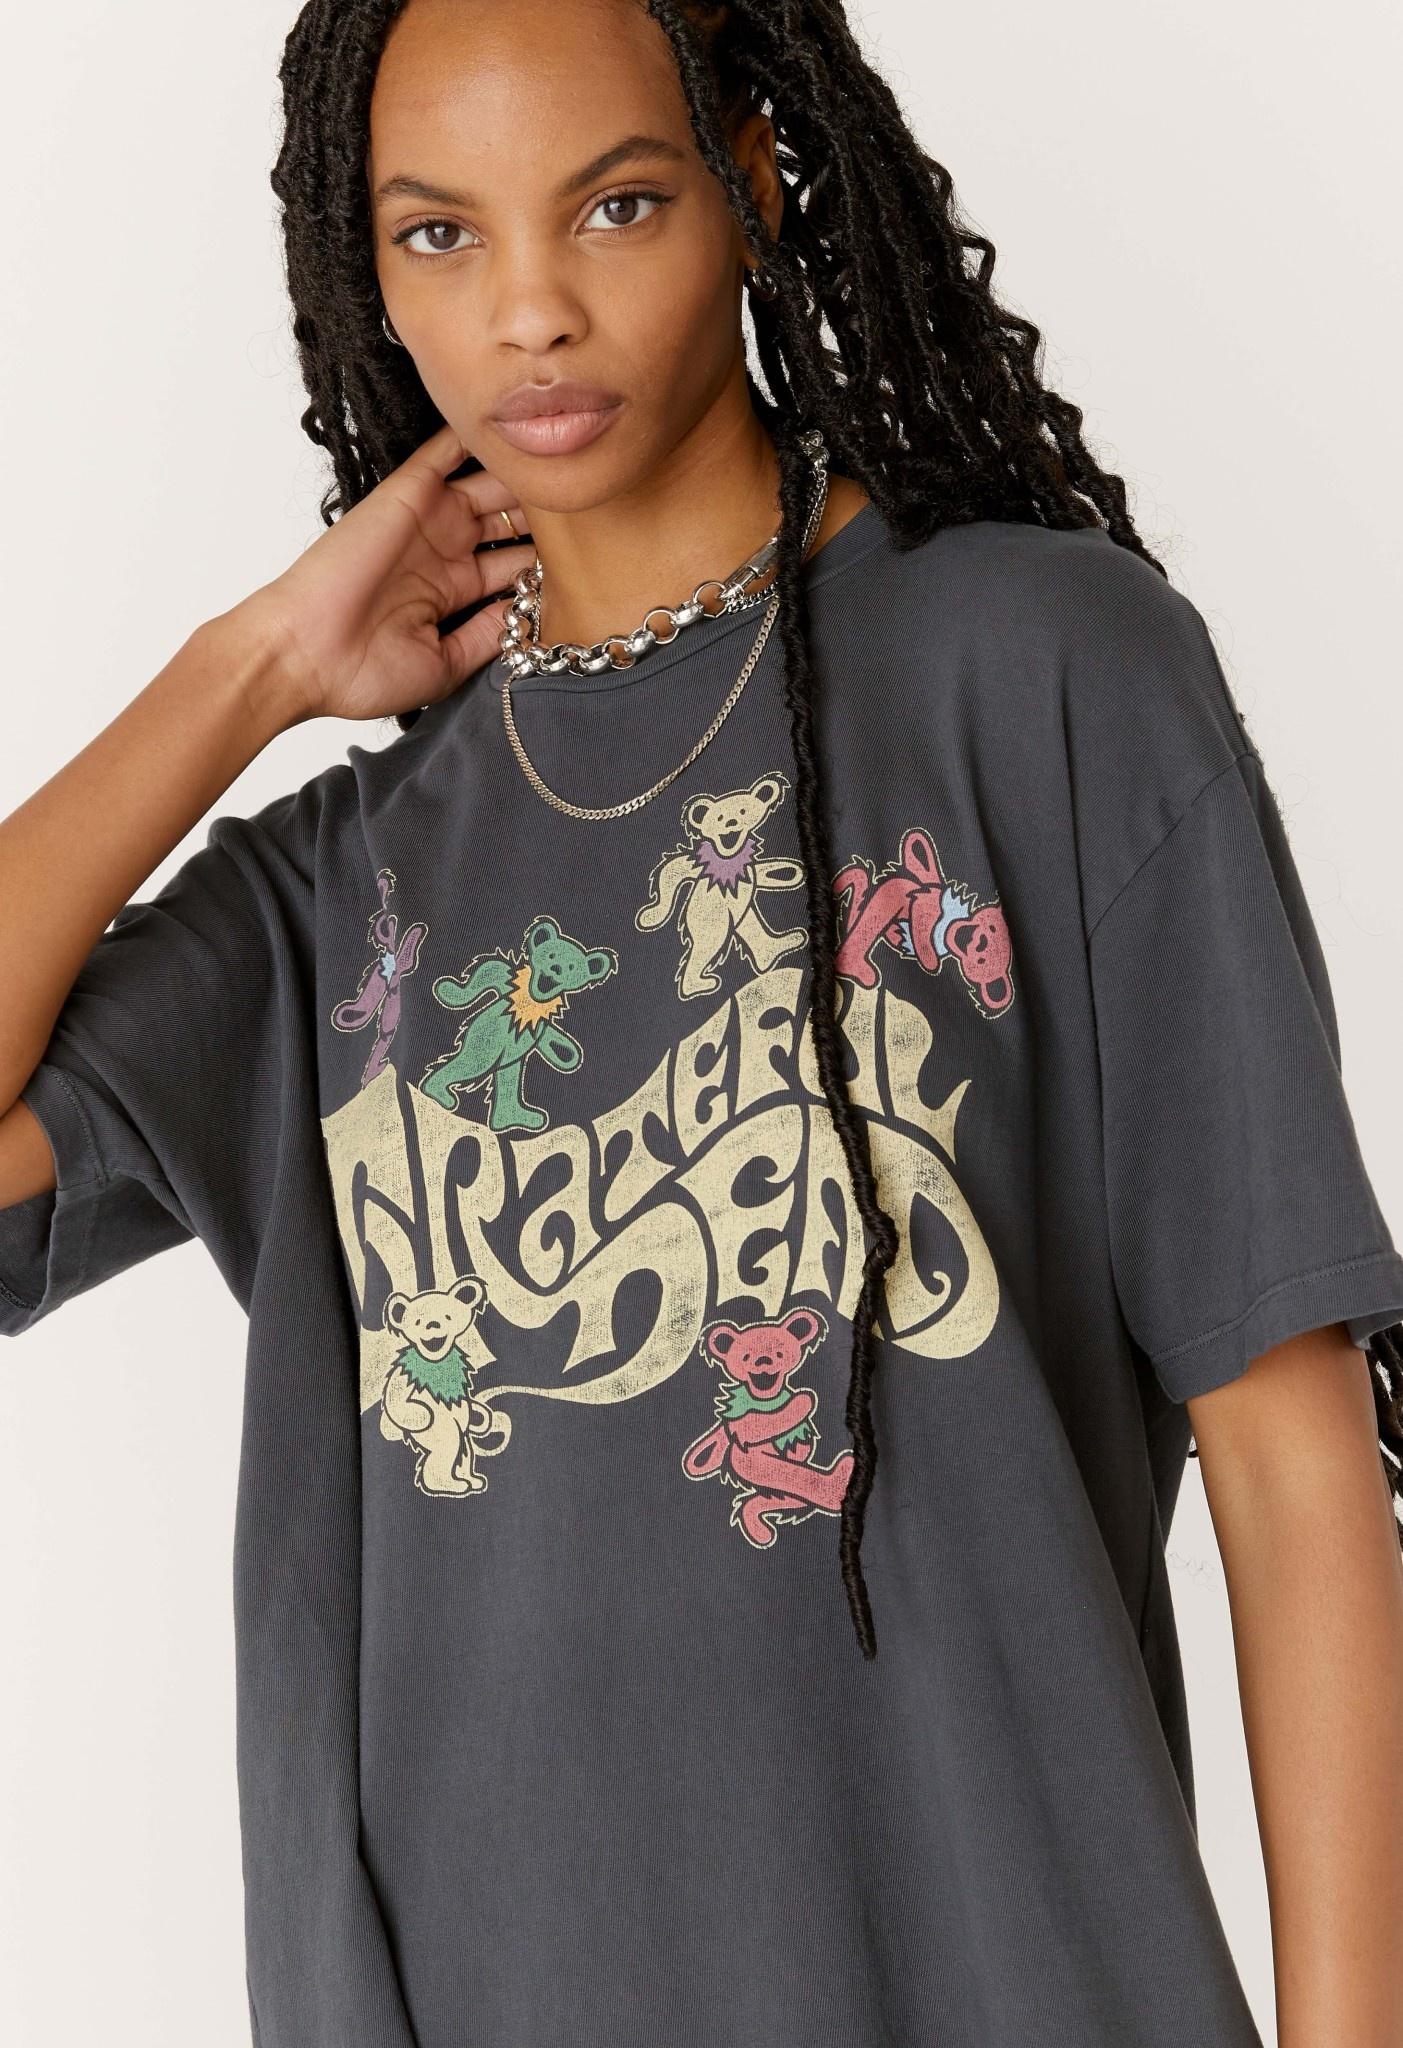 Grateful Dead Bear T Shirt Dress